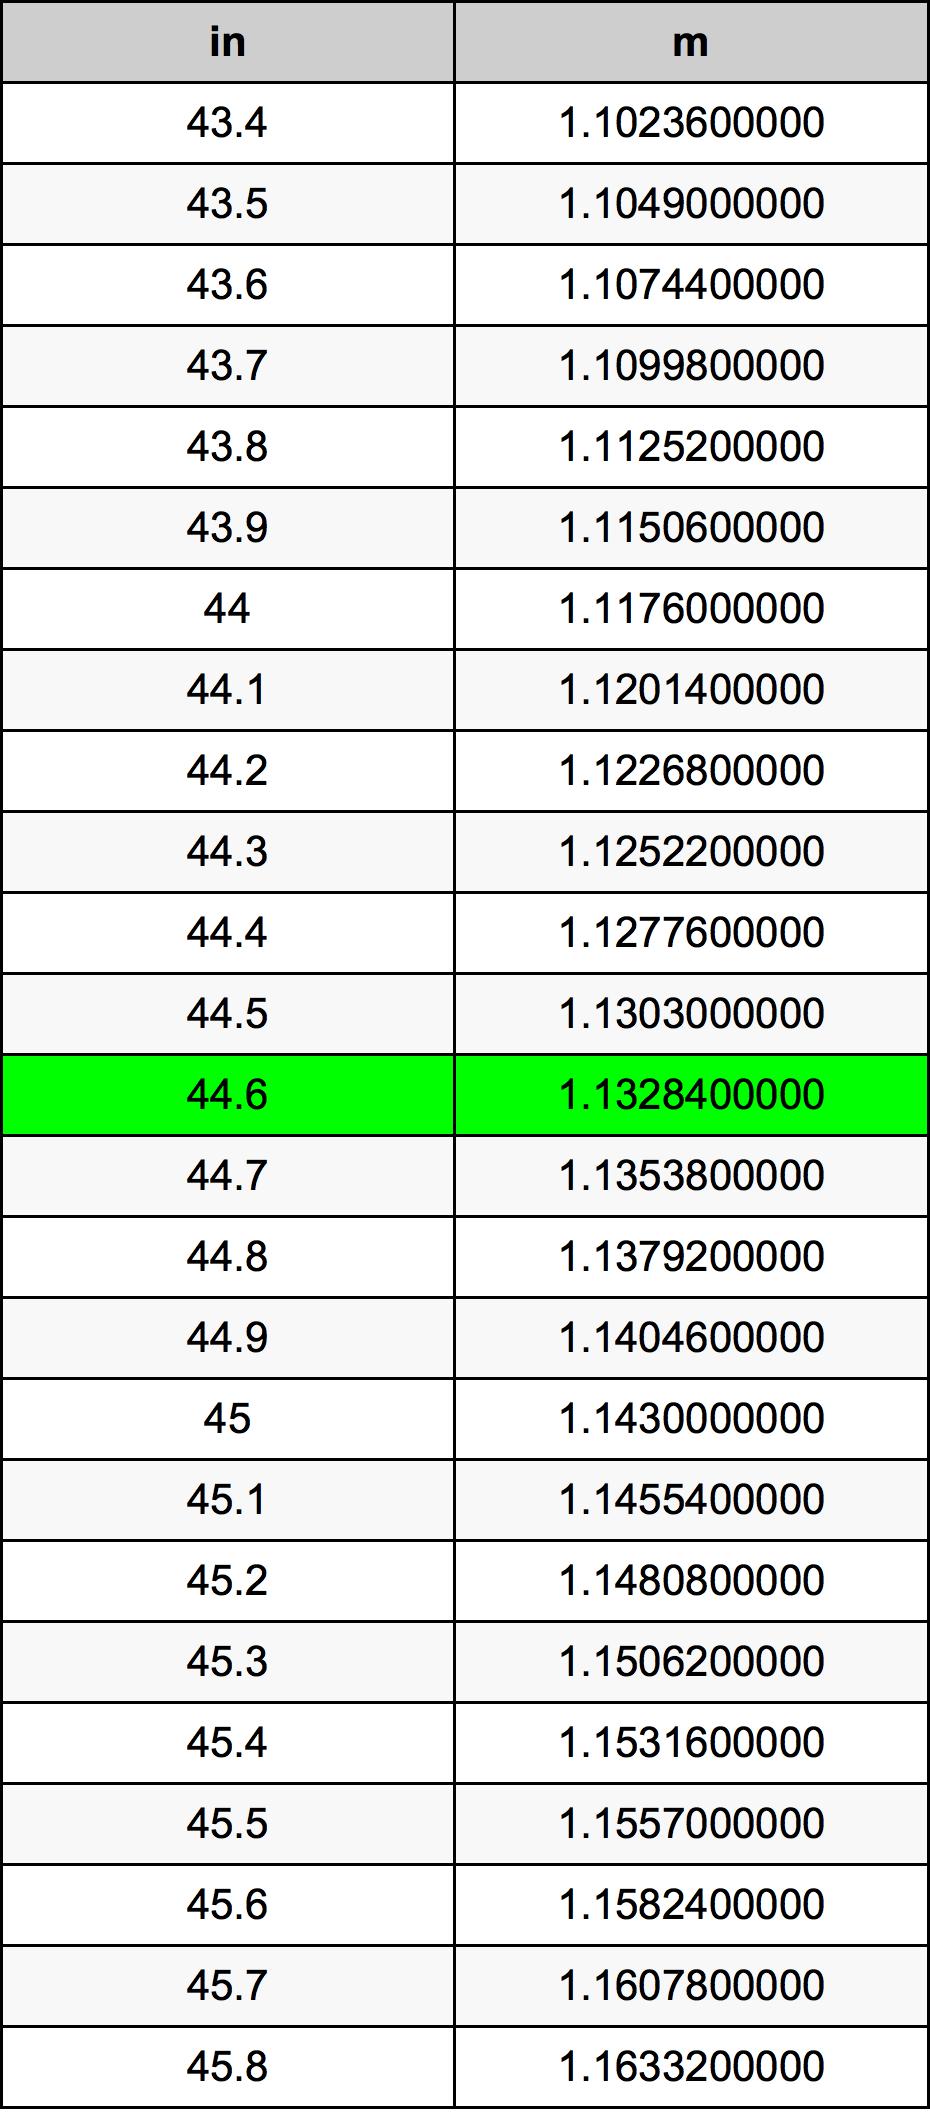 44.6 Inch bảng chuyển đổi